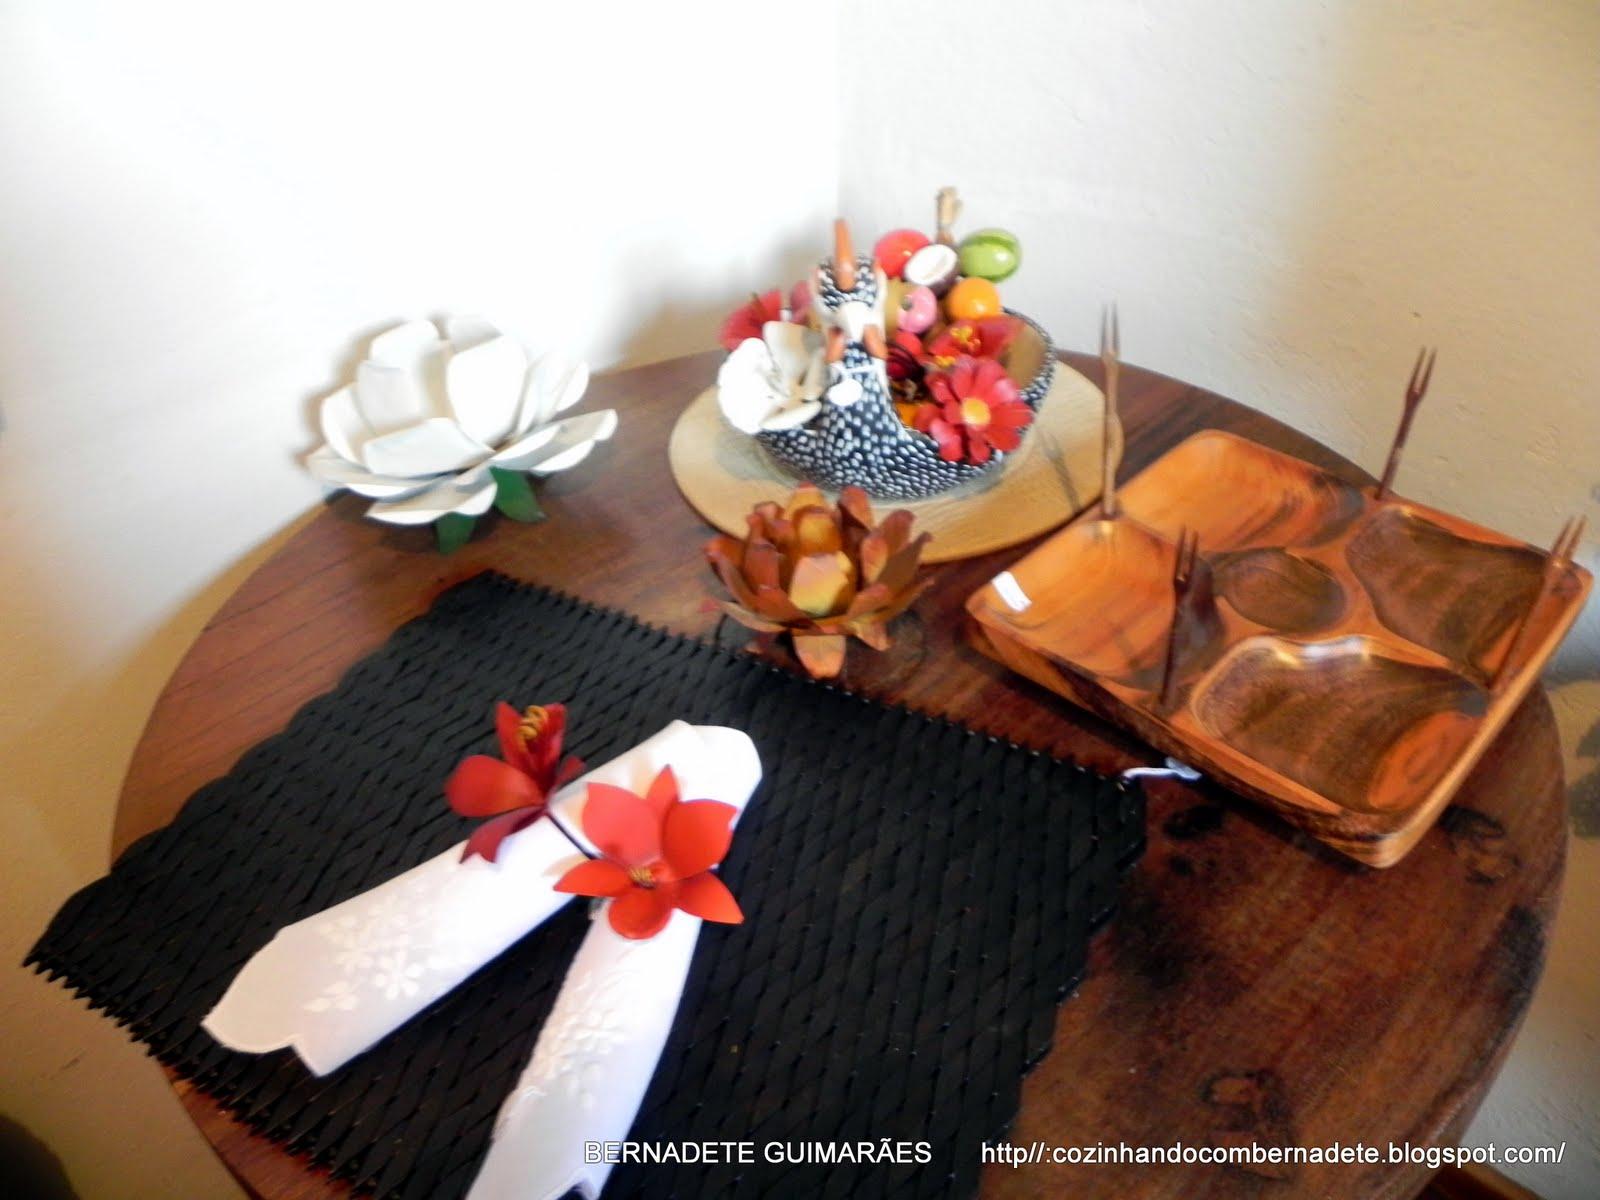 Cozinhando com Bernadete: NAS COZINHAS DE MINAS GERAIS  #A93122 1600 1200